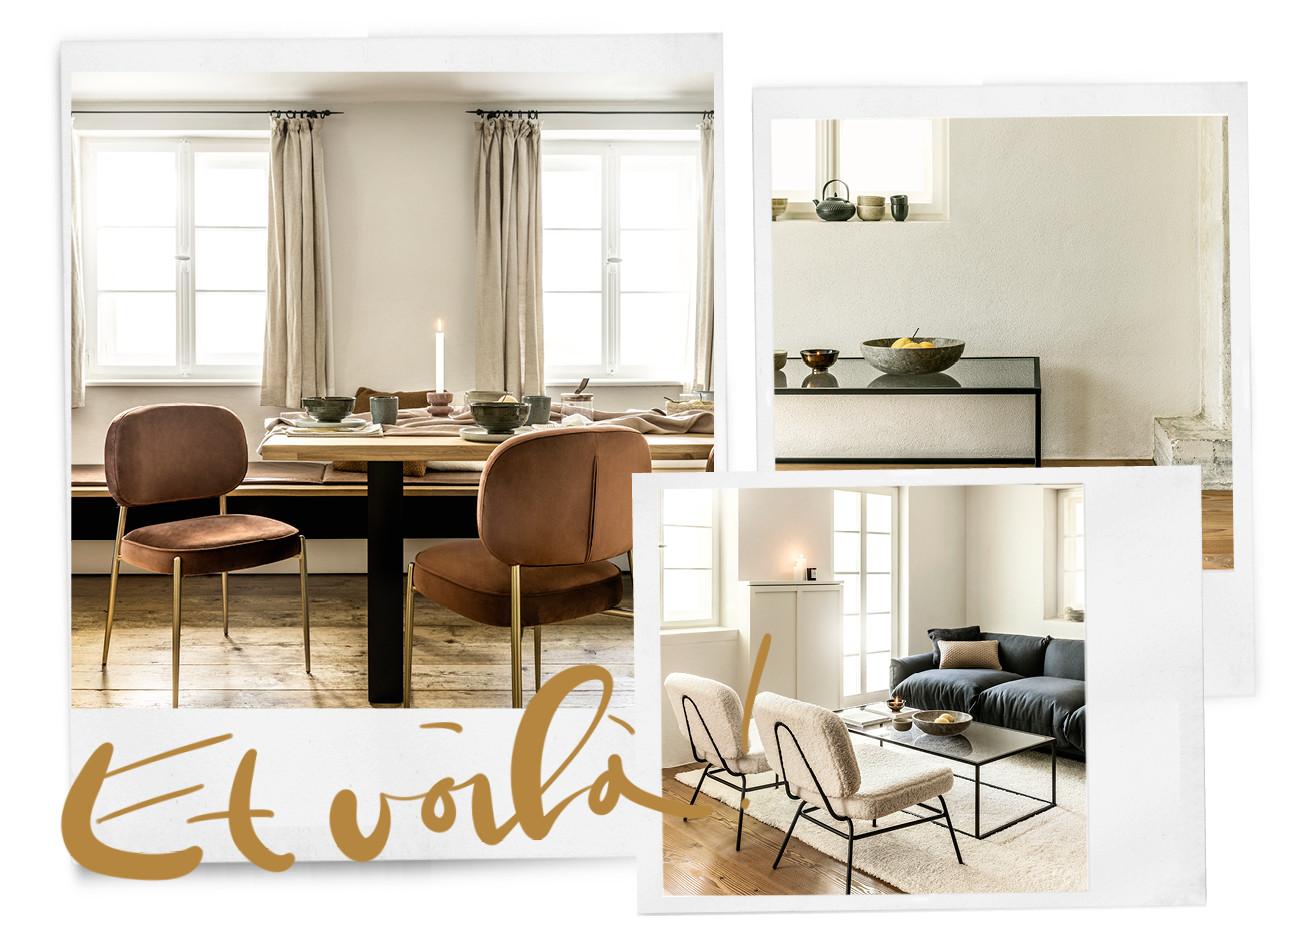 foto's van een bruin gekleurd meubilair met bruine stoelen en witten stoelen